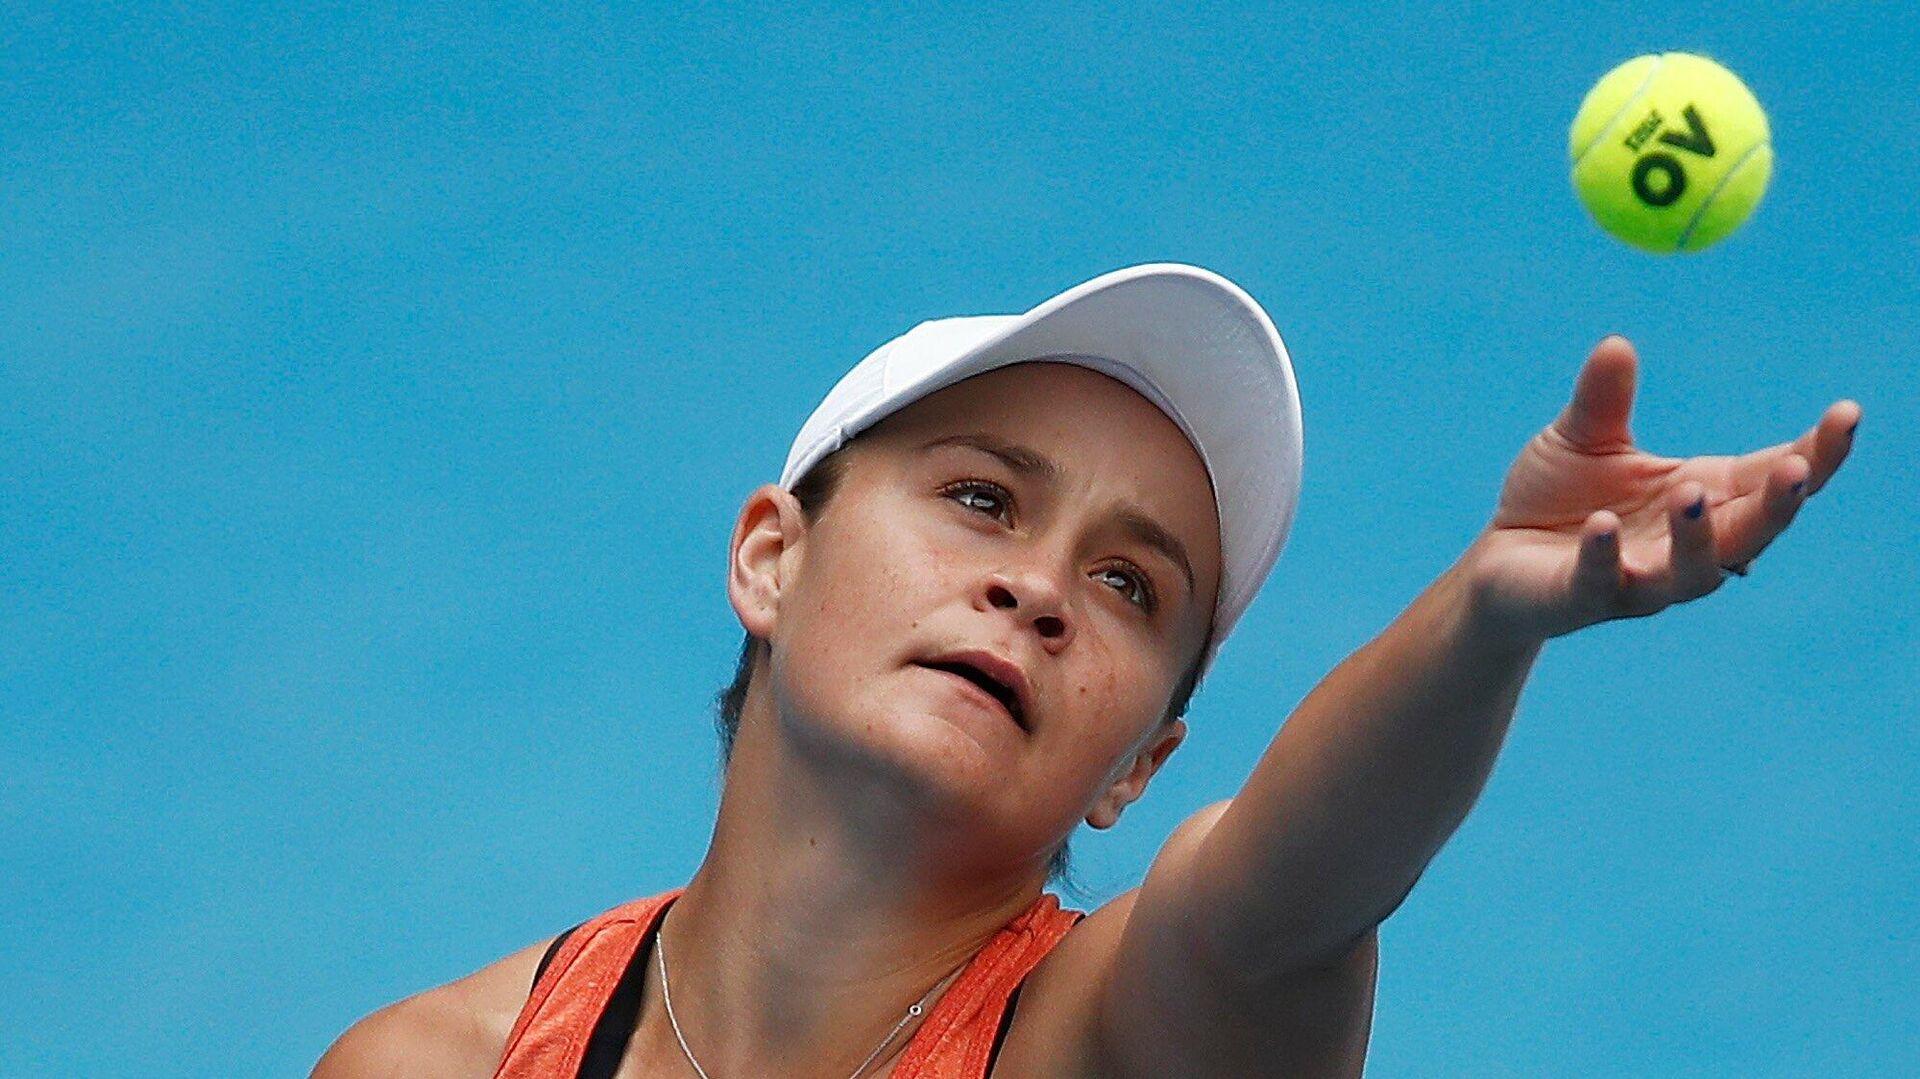 Австралийская теннисистка Эшли Барти - РИА Новости, 1920, 23.04.2021